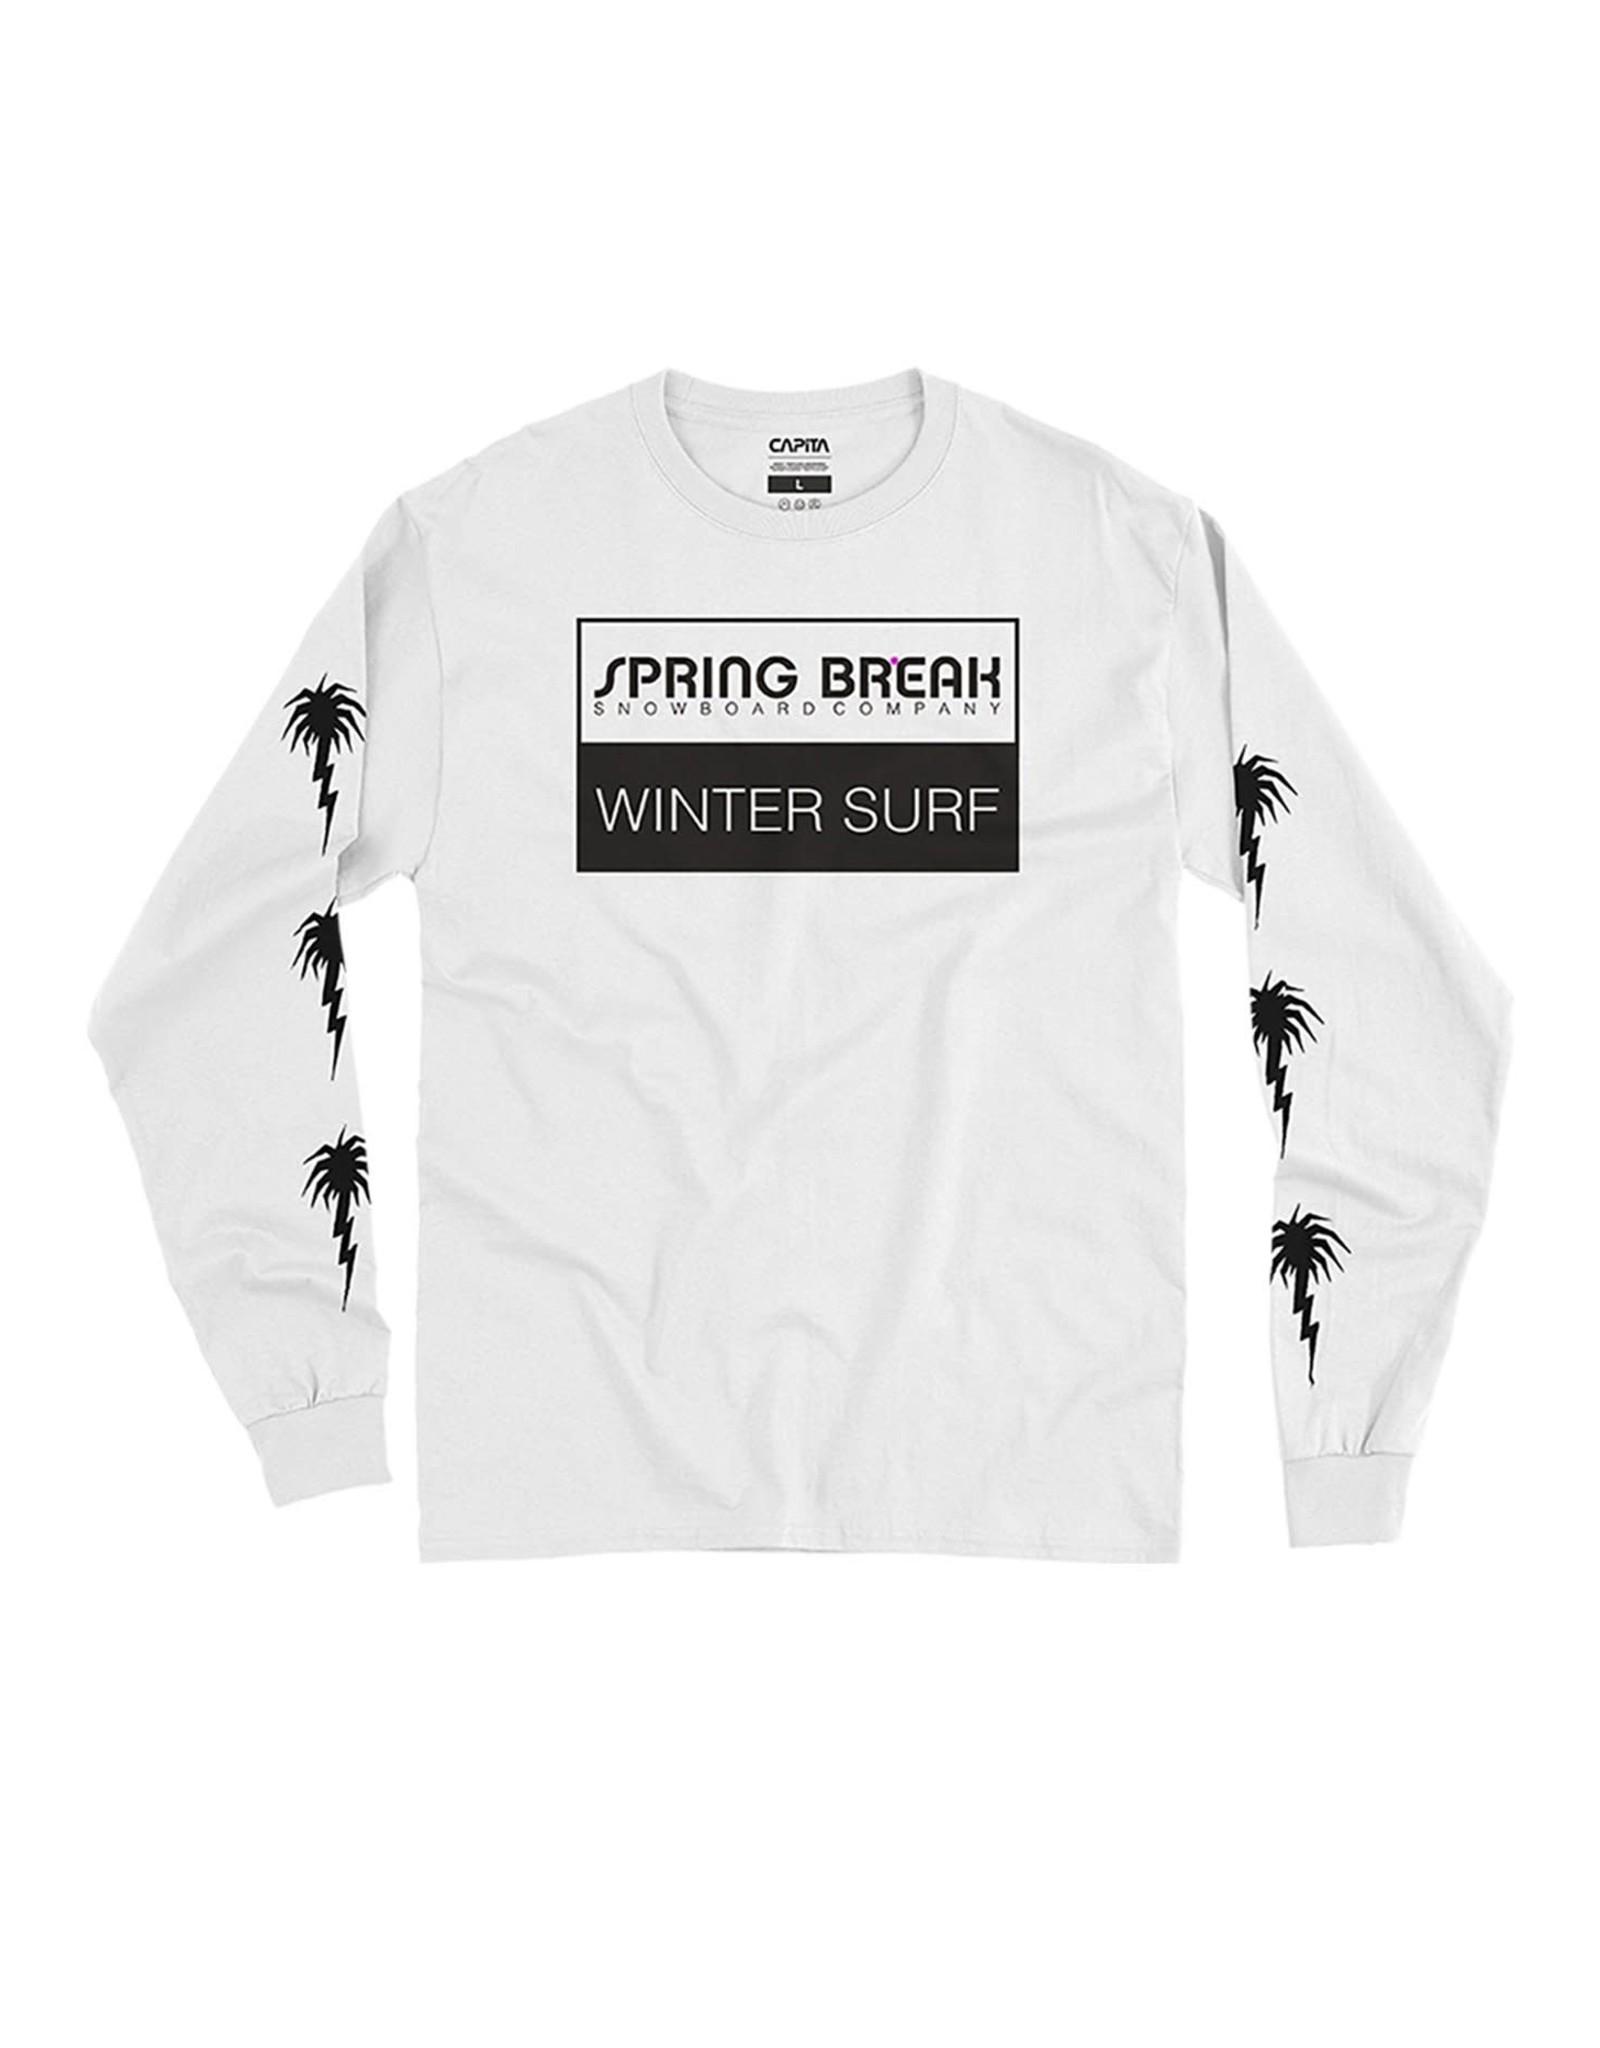 Capita! L/S Springbreak Winter Surf T-Shirt - White - XL